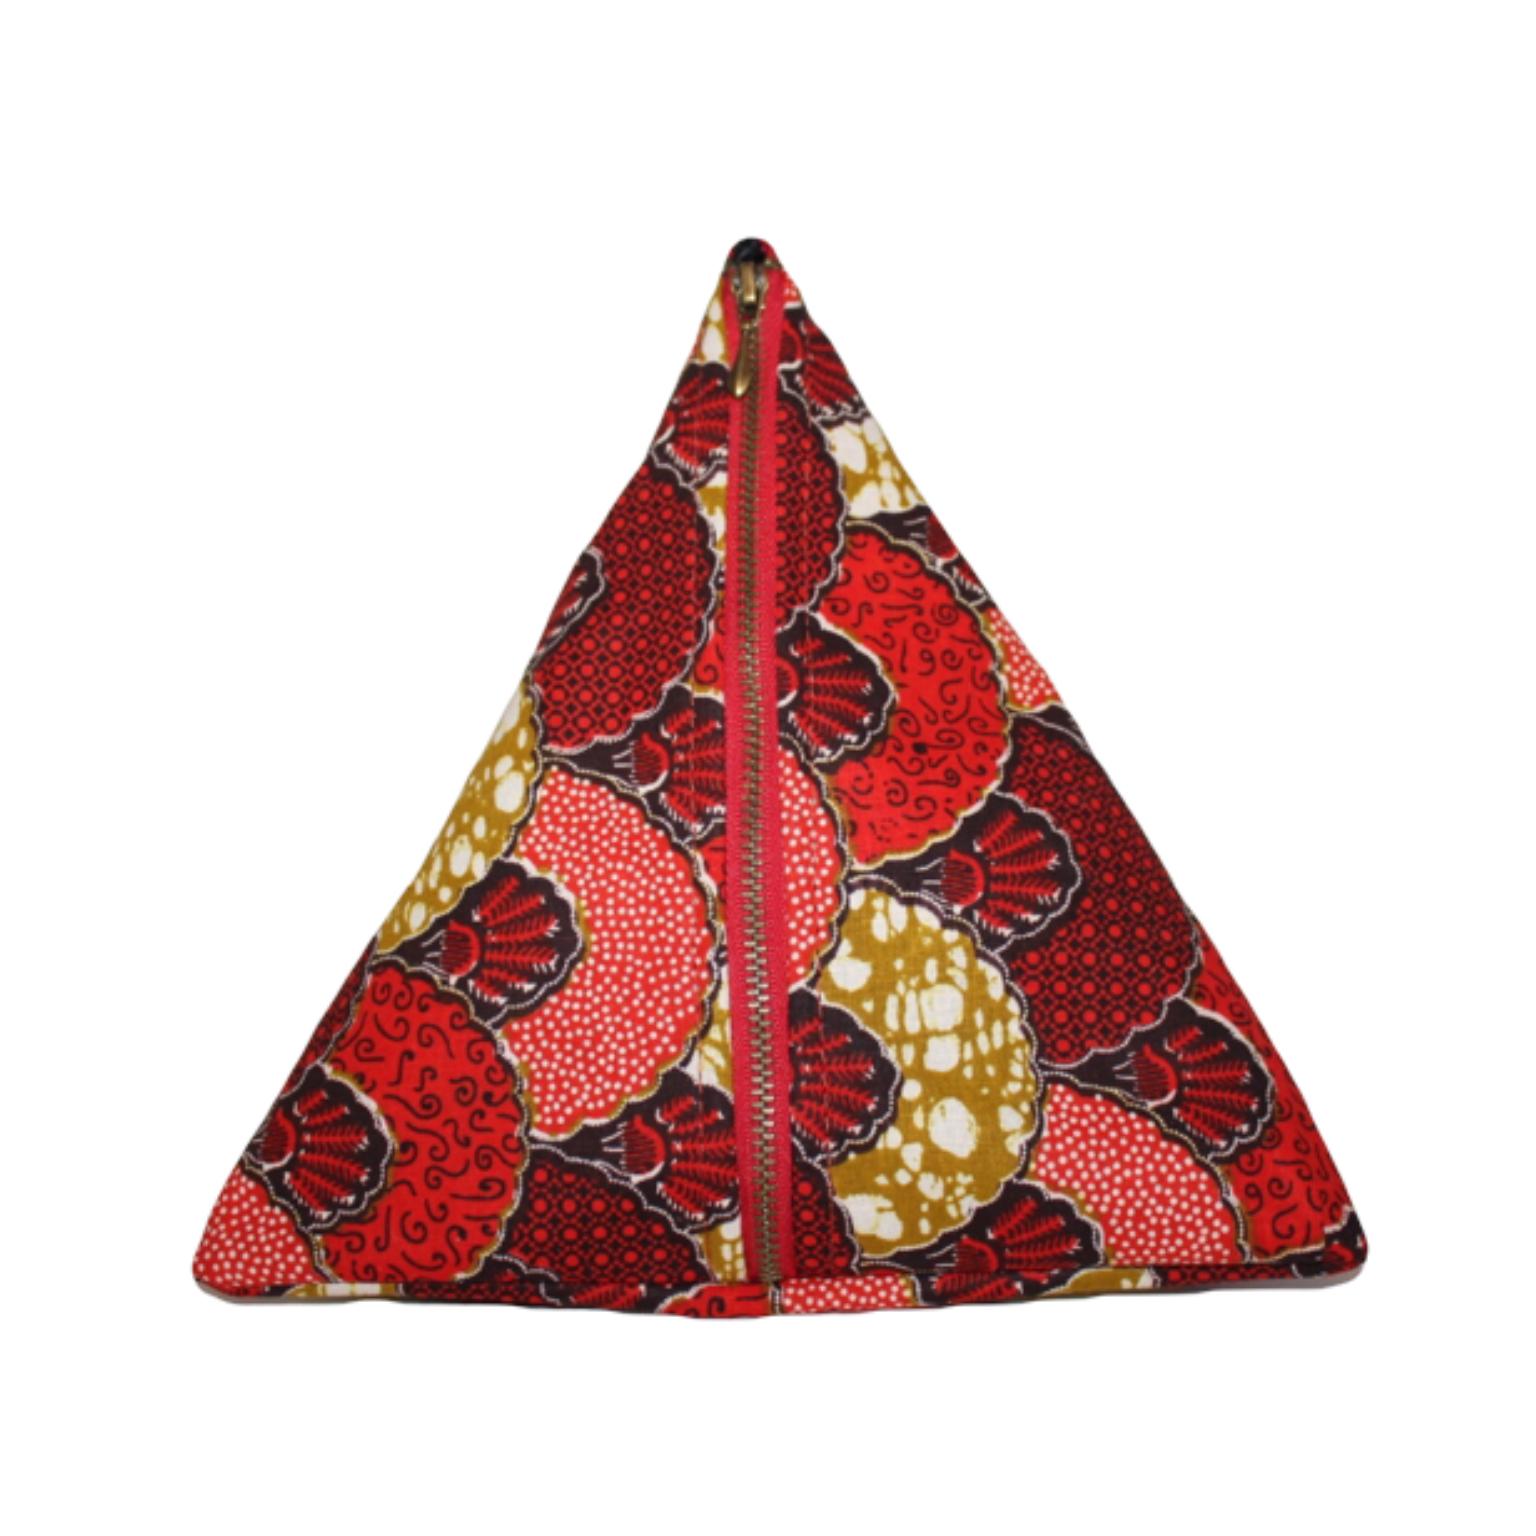 Sac pochette, clutch ethnique berlingot wax éventail rouge